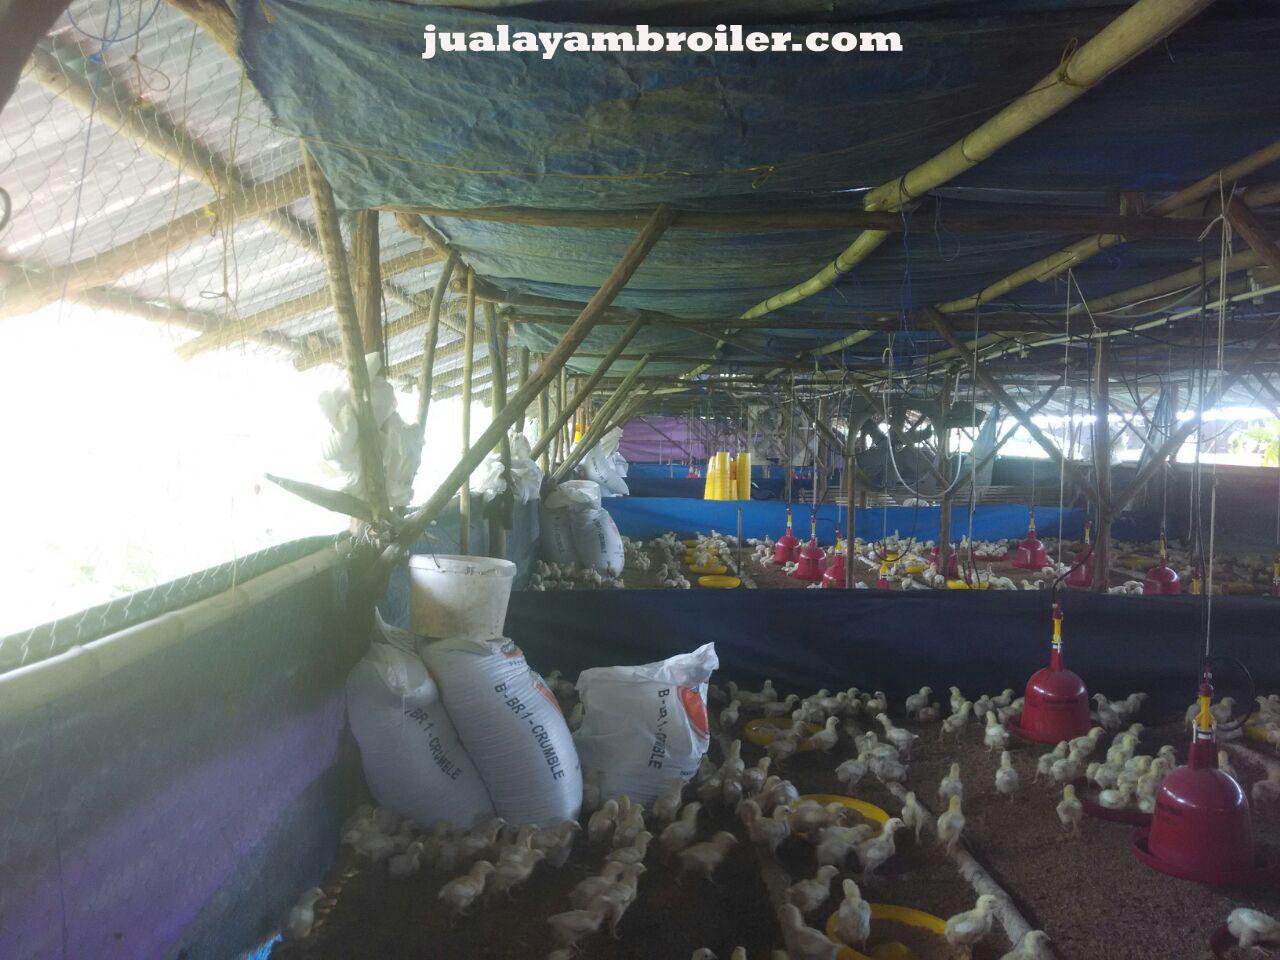 Jual Ayam Broiler di Kemang Bekasi